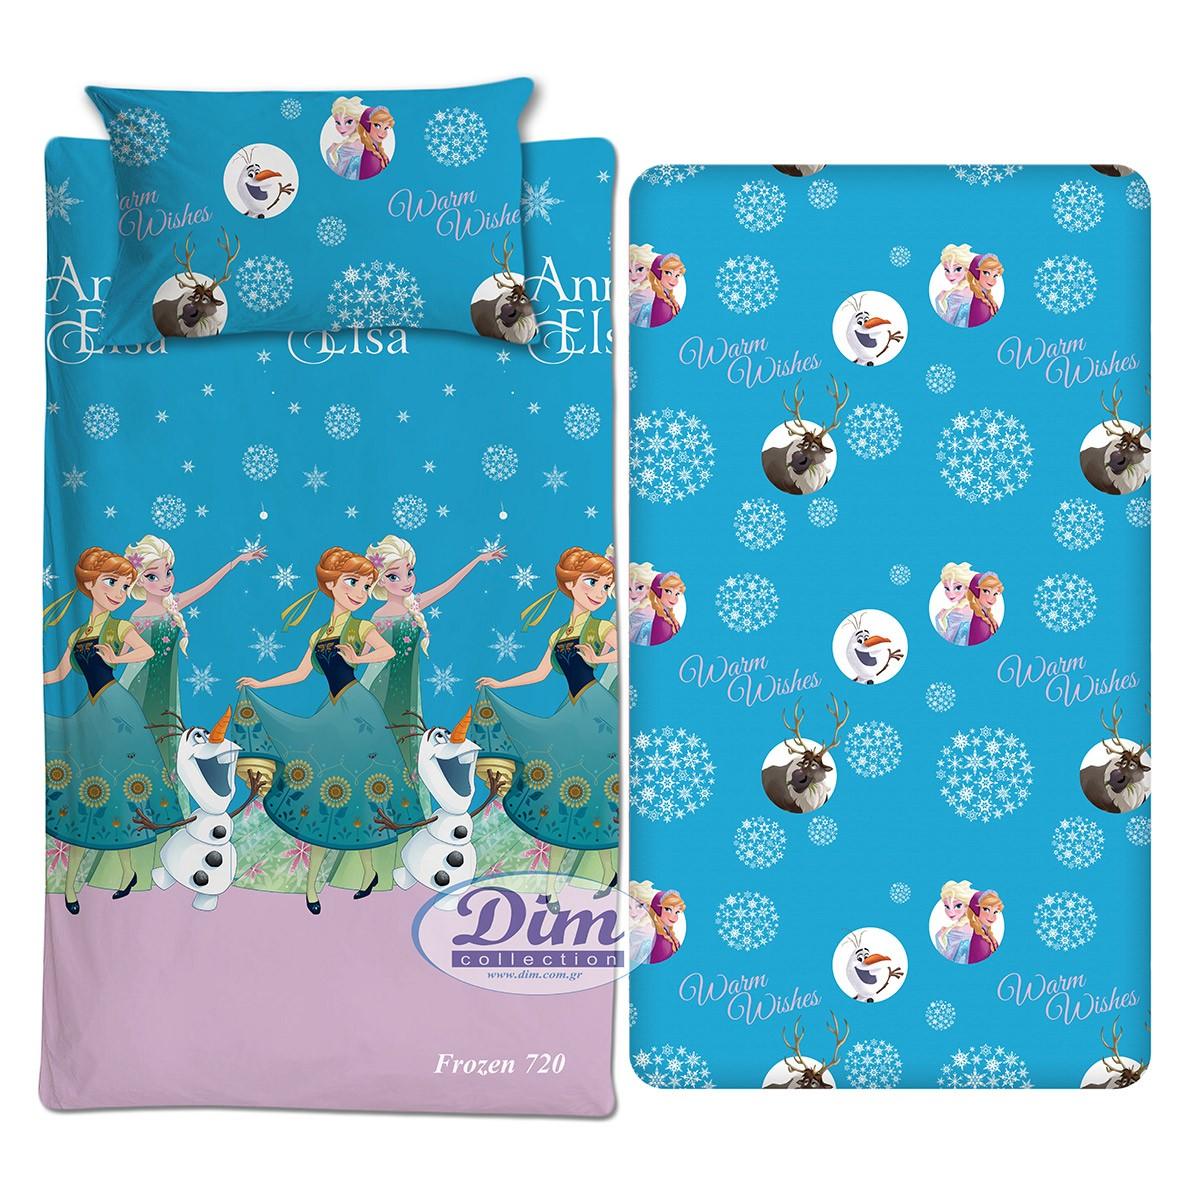 Σεντόνια Μονά (Σετ) Dim Collection Frozen 720 86651